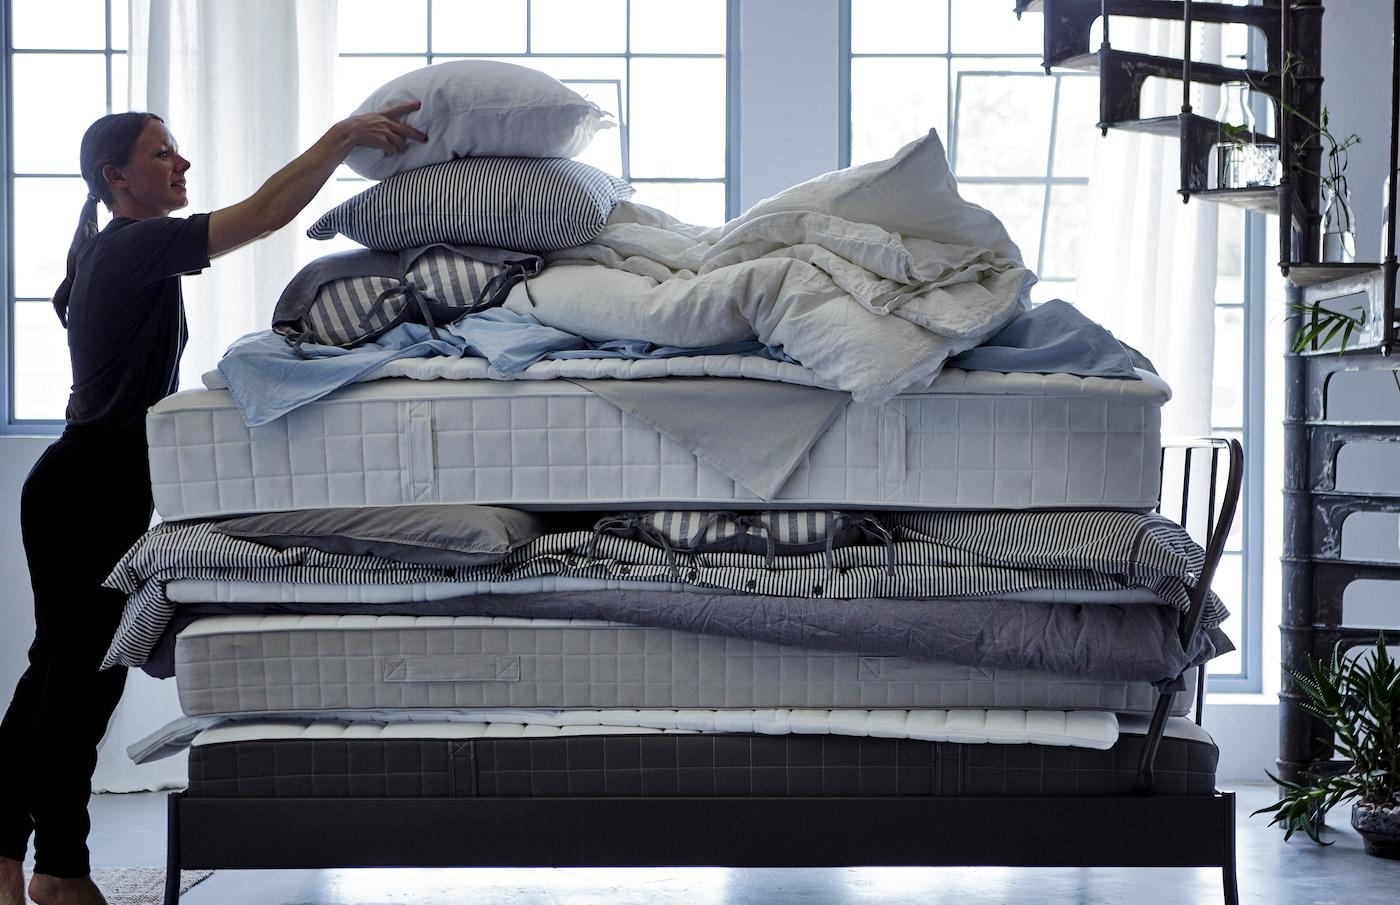 Eine Frau legt ein Kissen auf einen Stapfel weicher Matratzen, Bettdecken und Bettwäsche.